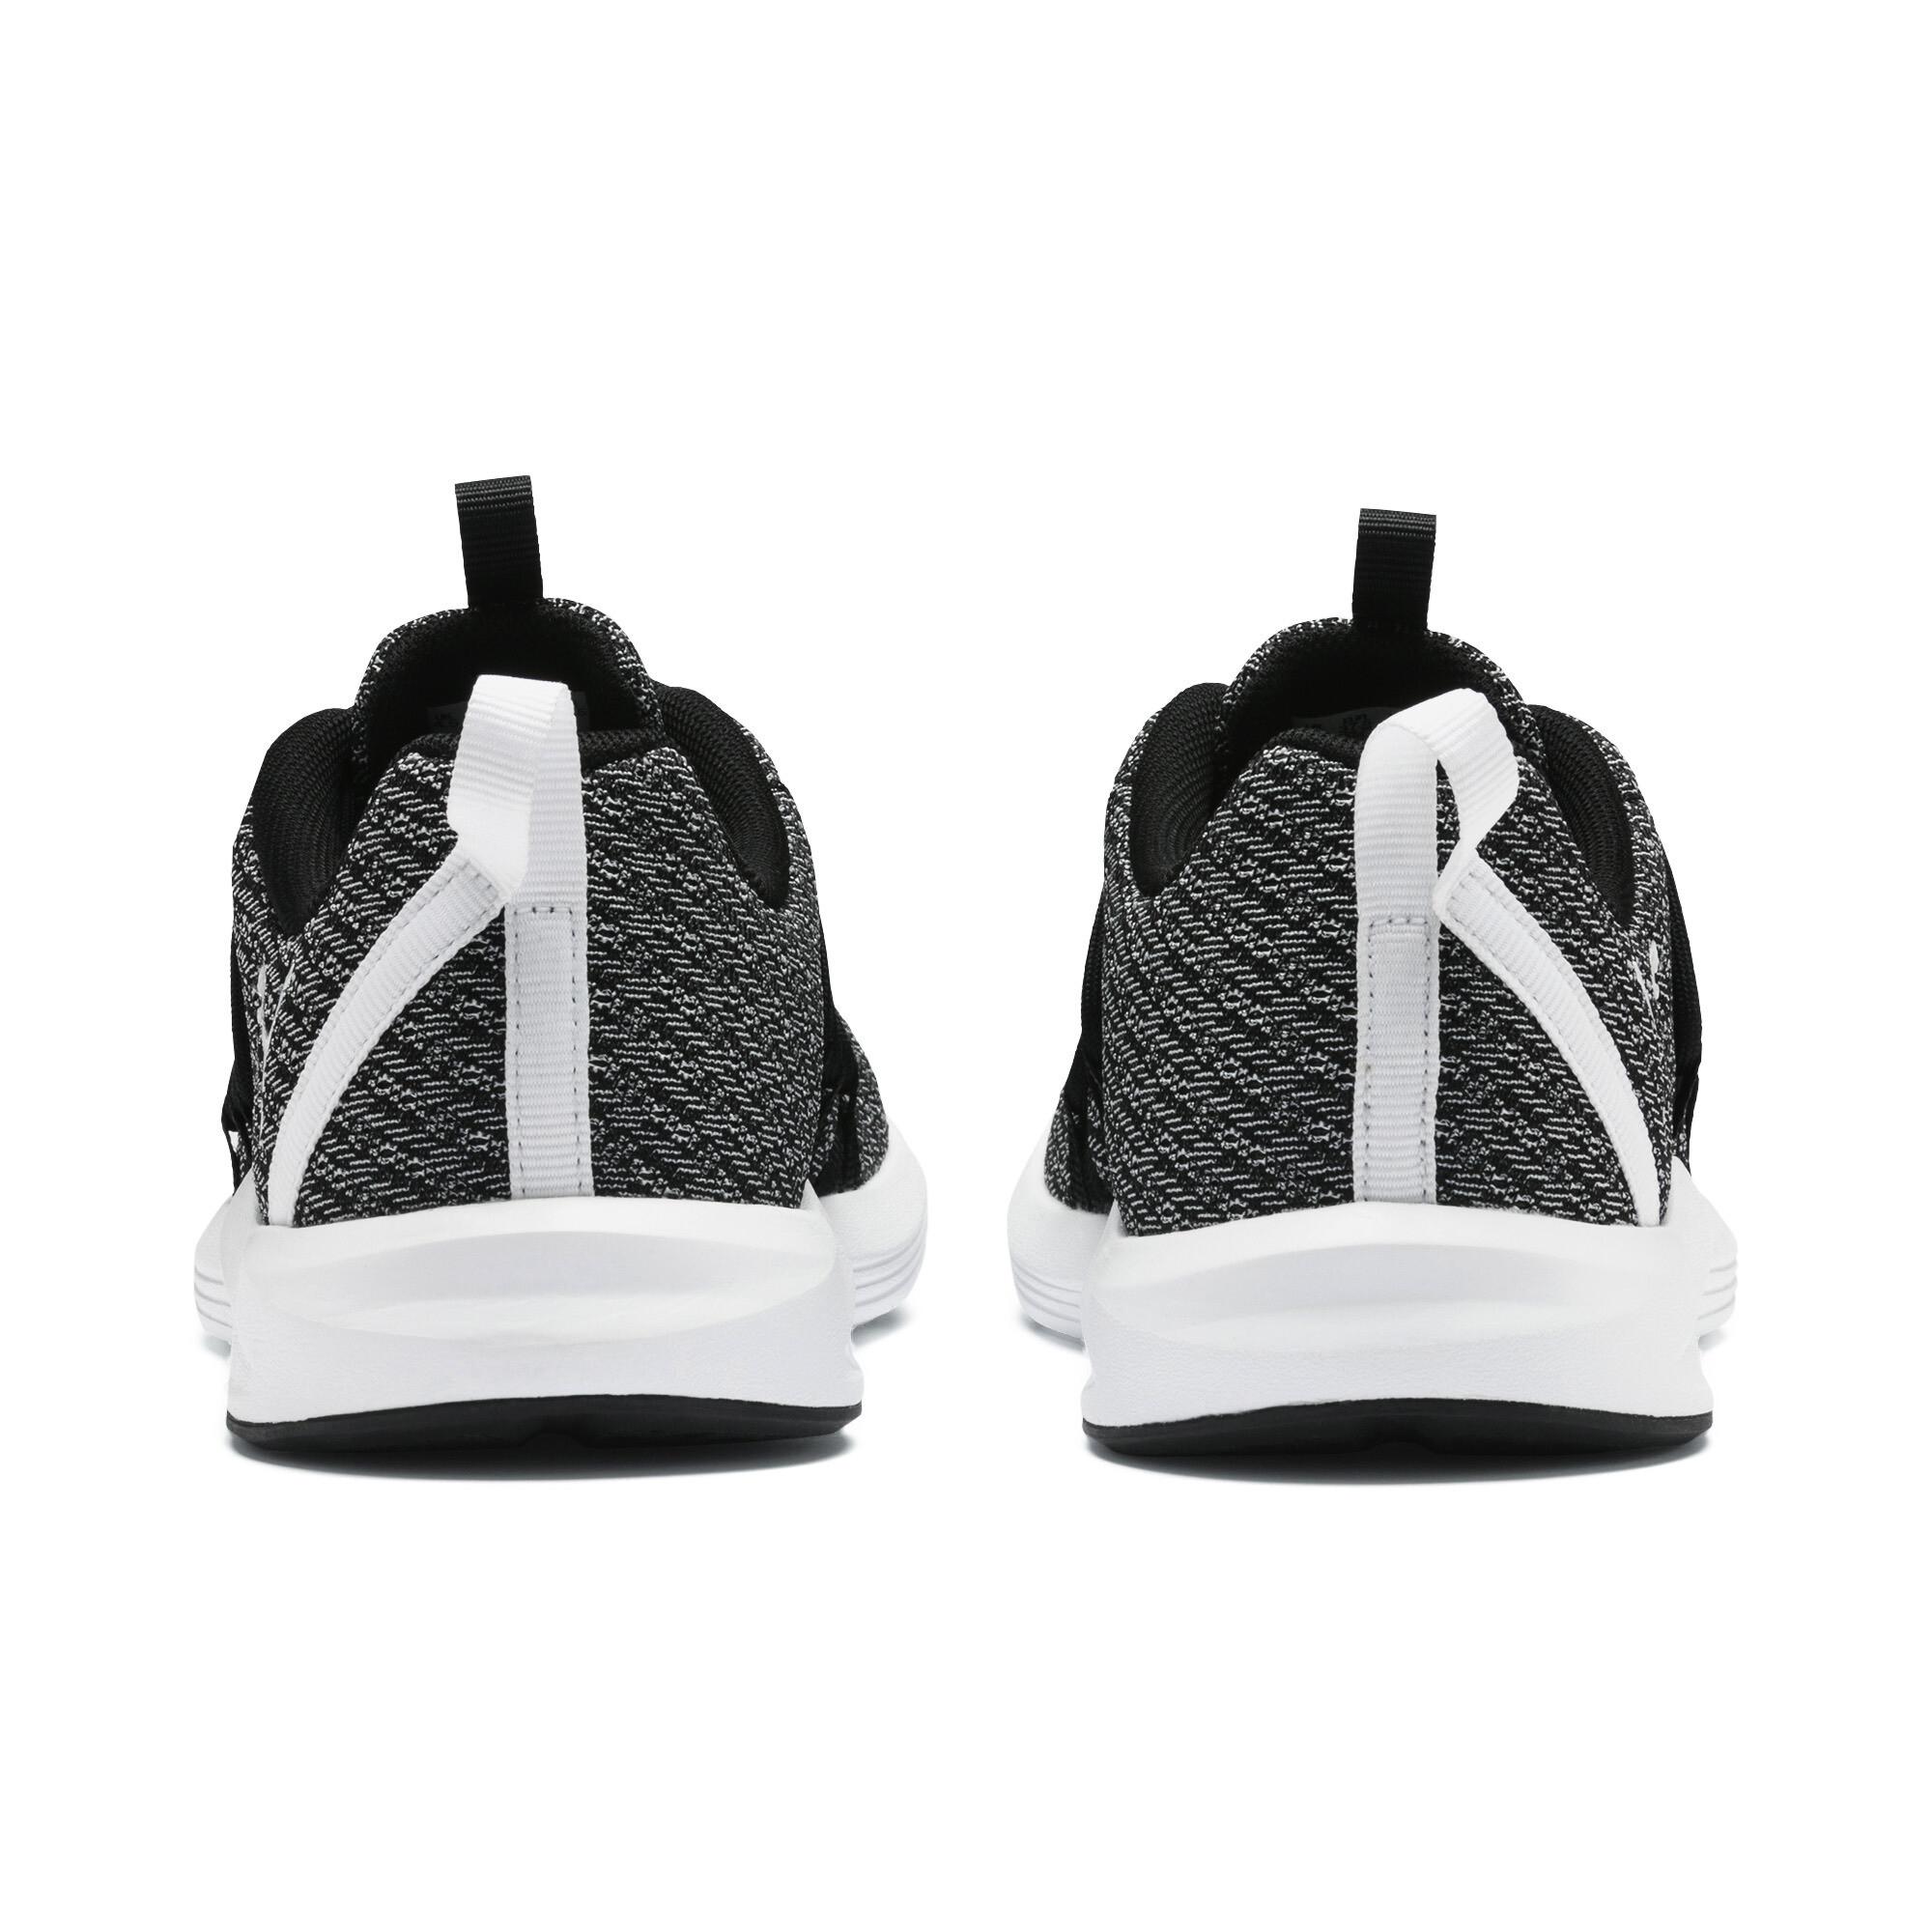 PUMA-Prowl-Alt-Neon-Women-s-Training-Shoes-Women-Shoe-Training thumbnail 10